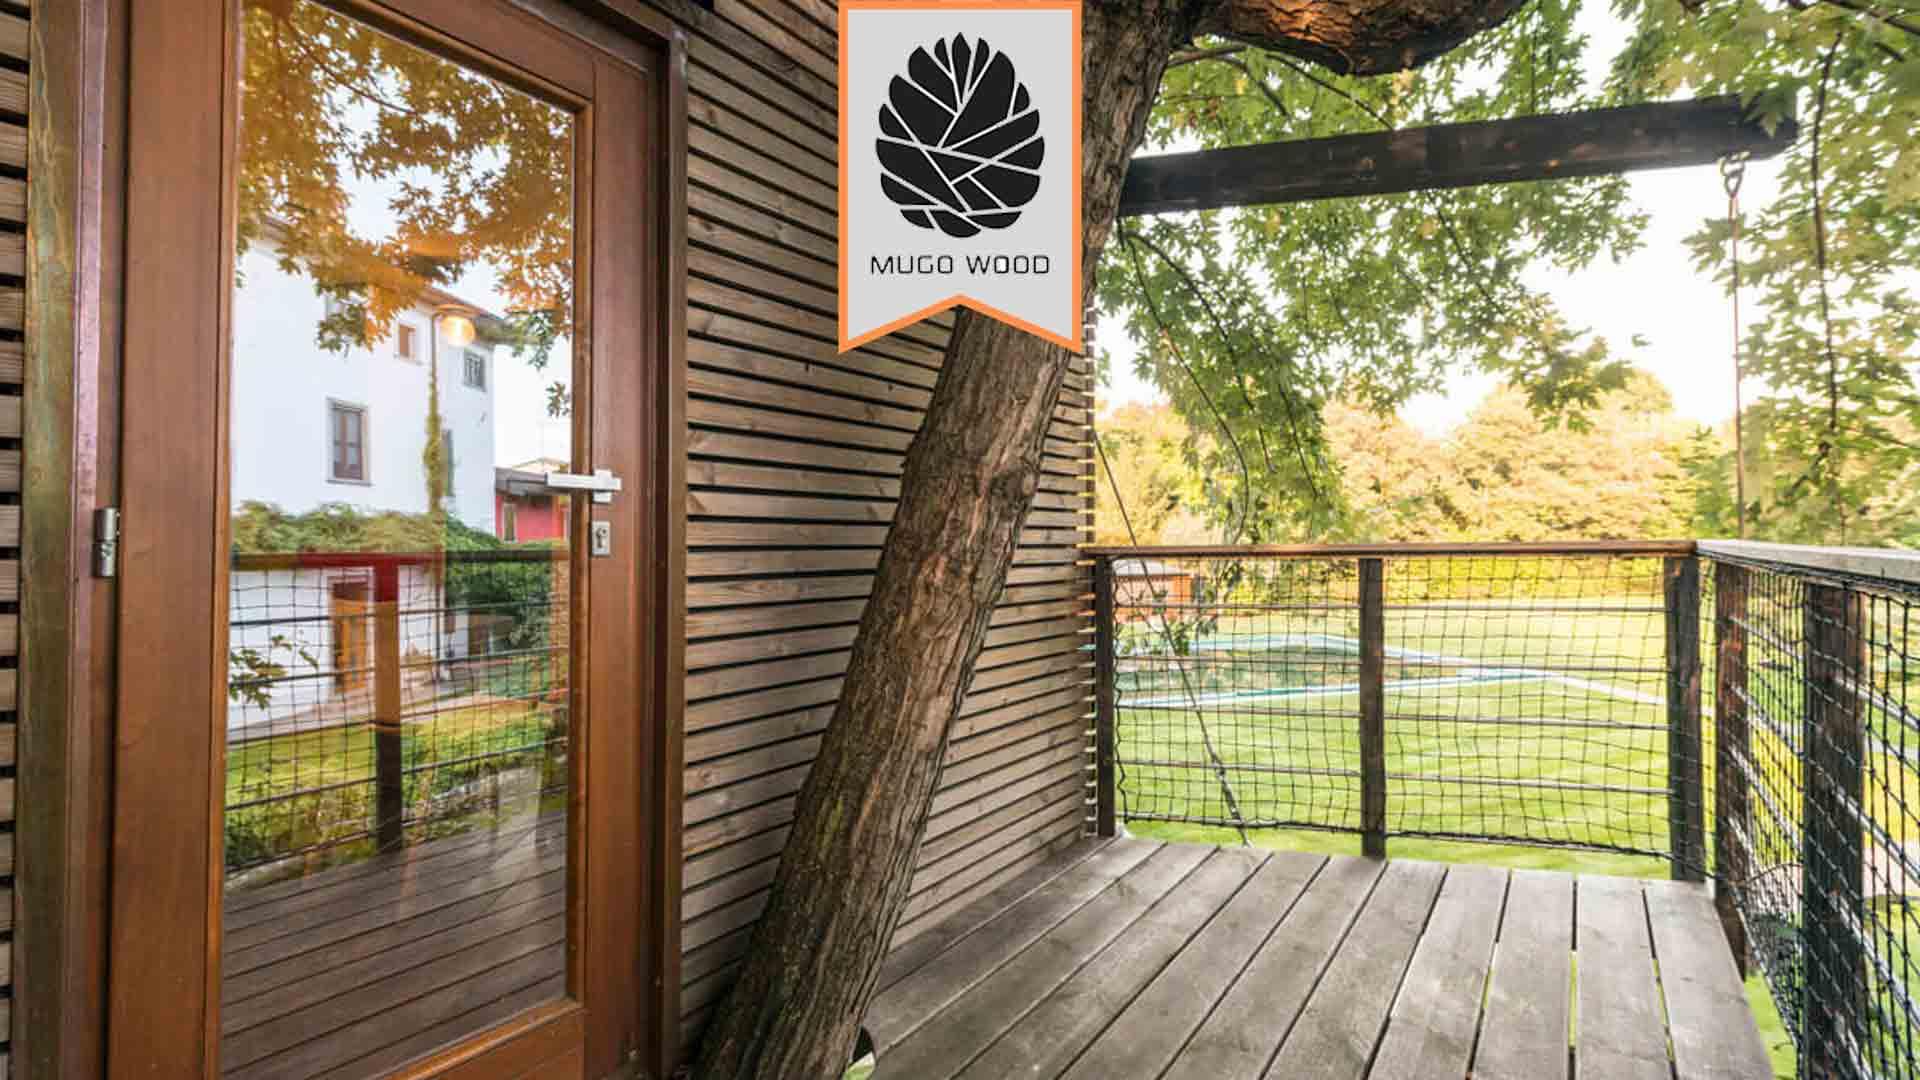 ترموود - خرید اینترنتی ترموود - قیمت هر متر مربع ترموود -چوب ترمو- خرید چوب